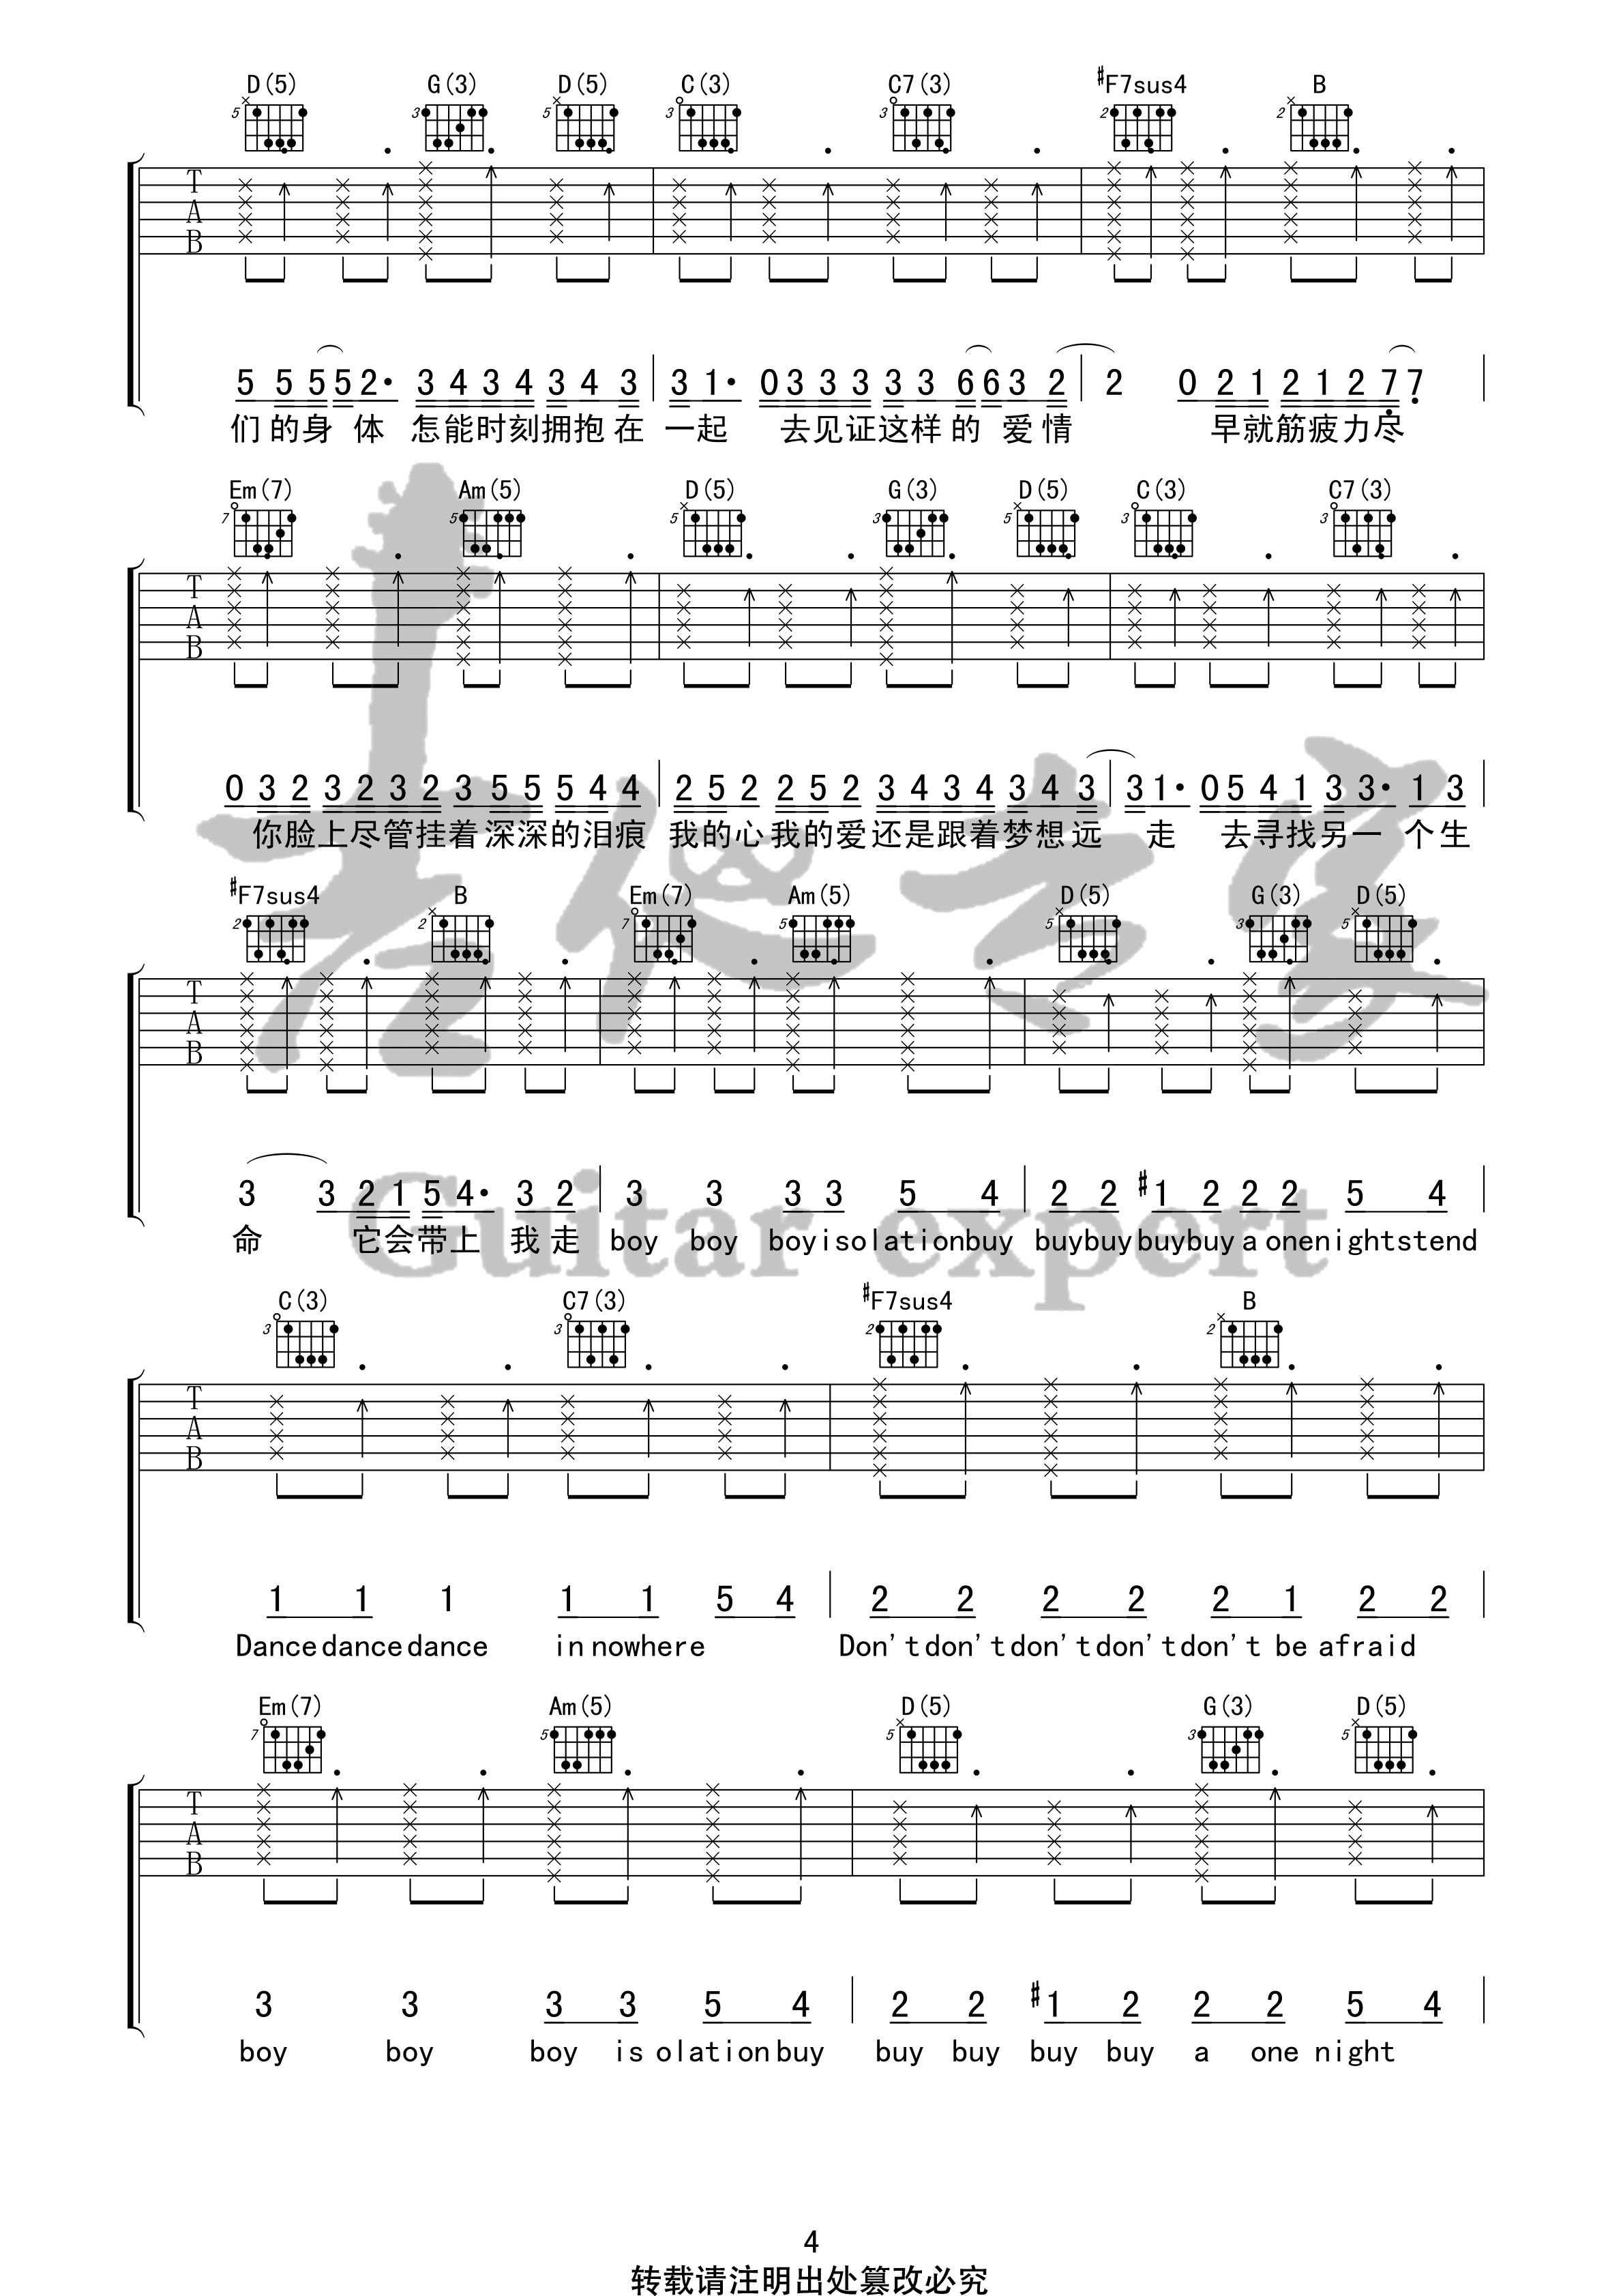 男孩别哭(音艺吉他专家弹唱教学:第二季第1集)吉他谱(图片谱,弹唱,伴奏,教程)_海龟先生_男孩别哭4 第二季第一期.jpg